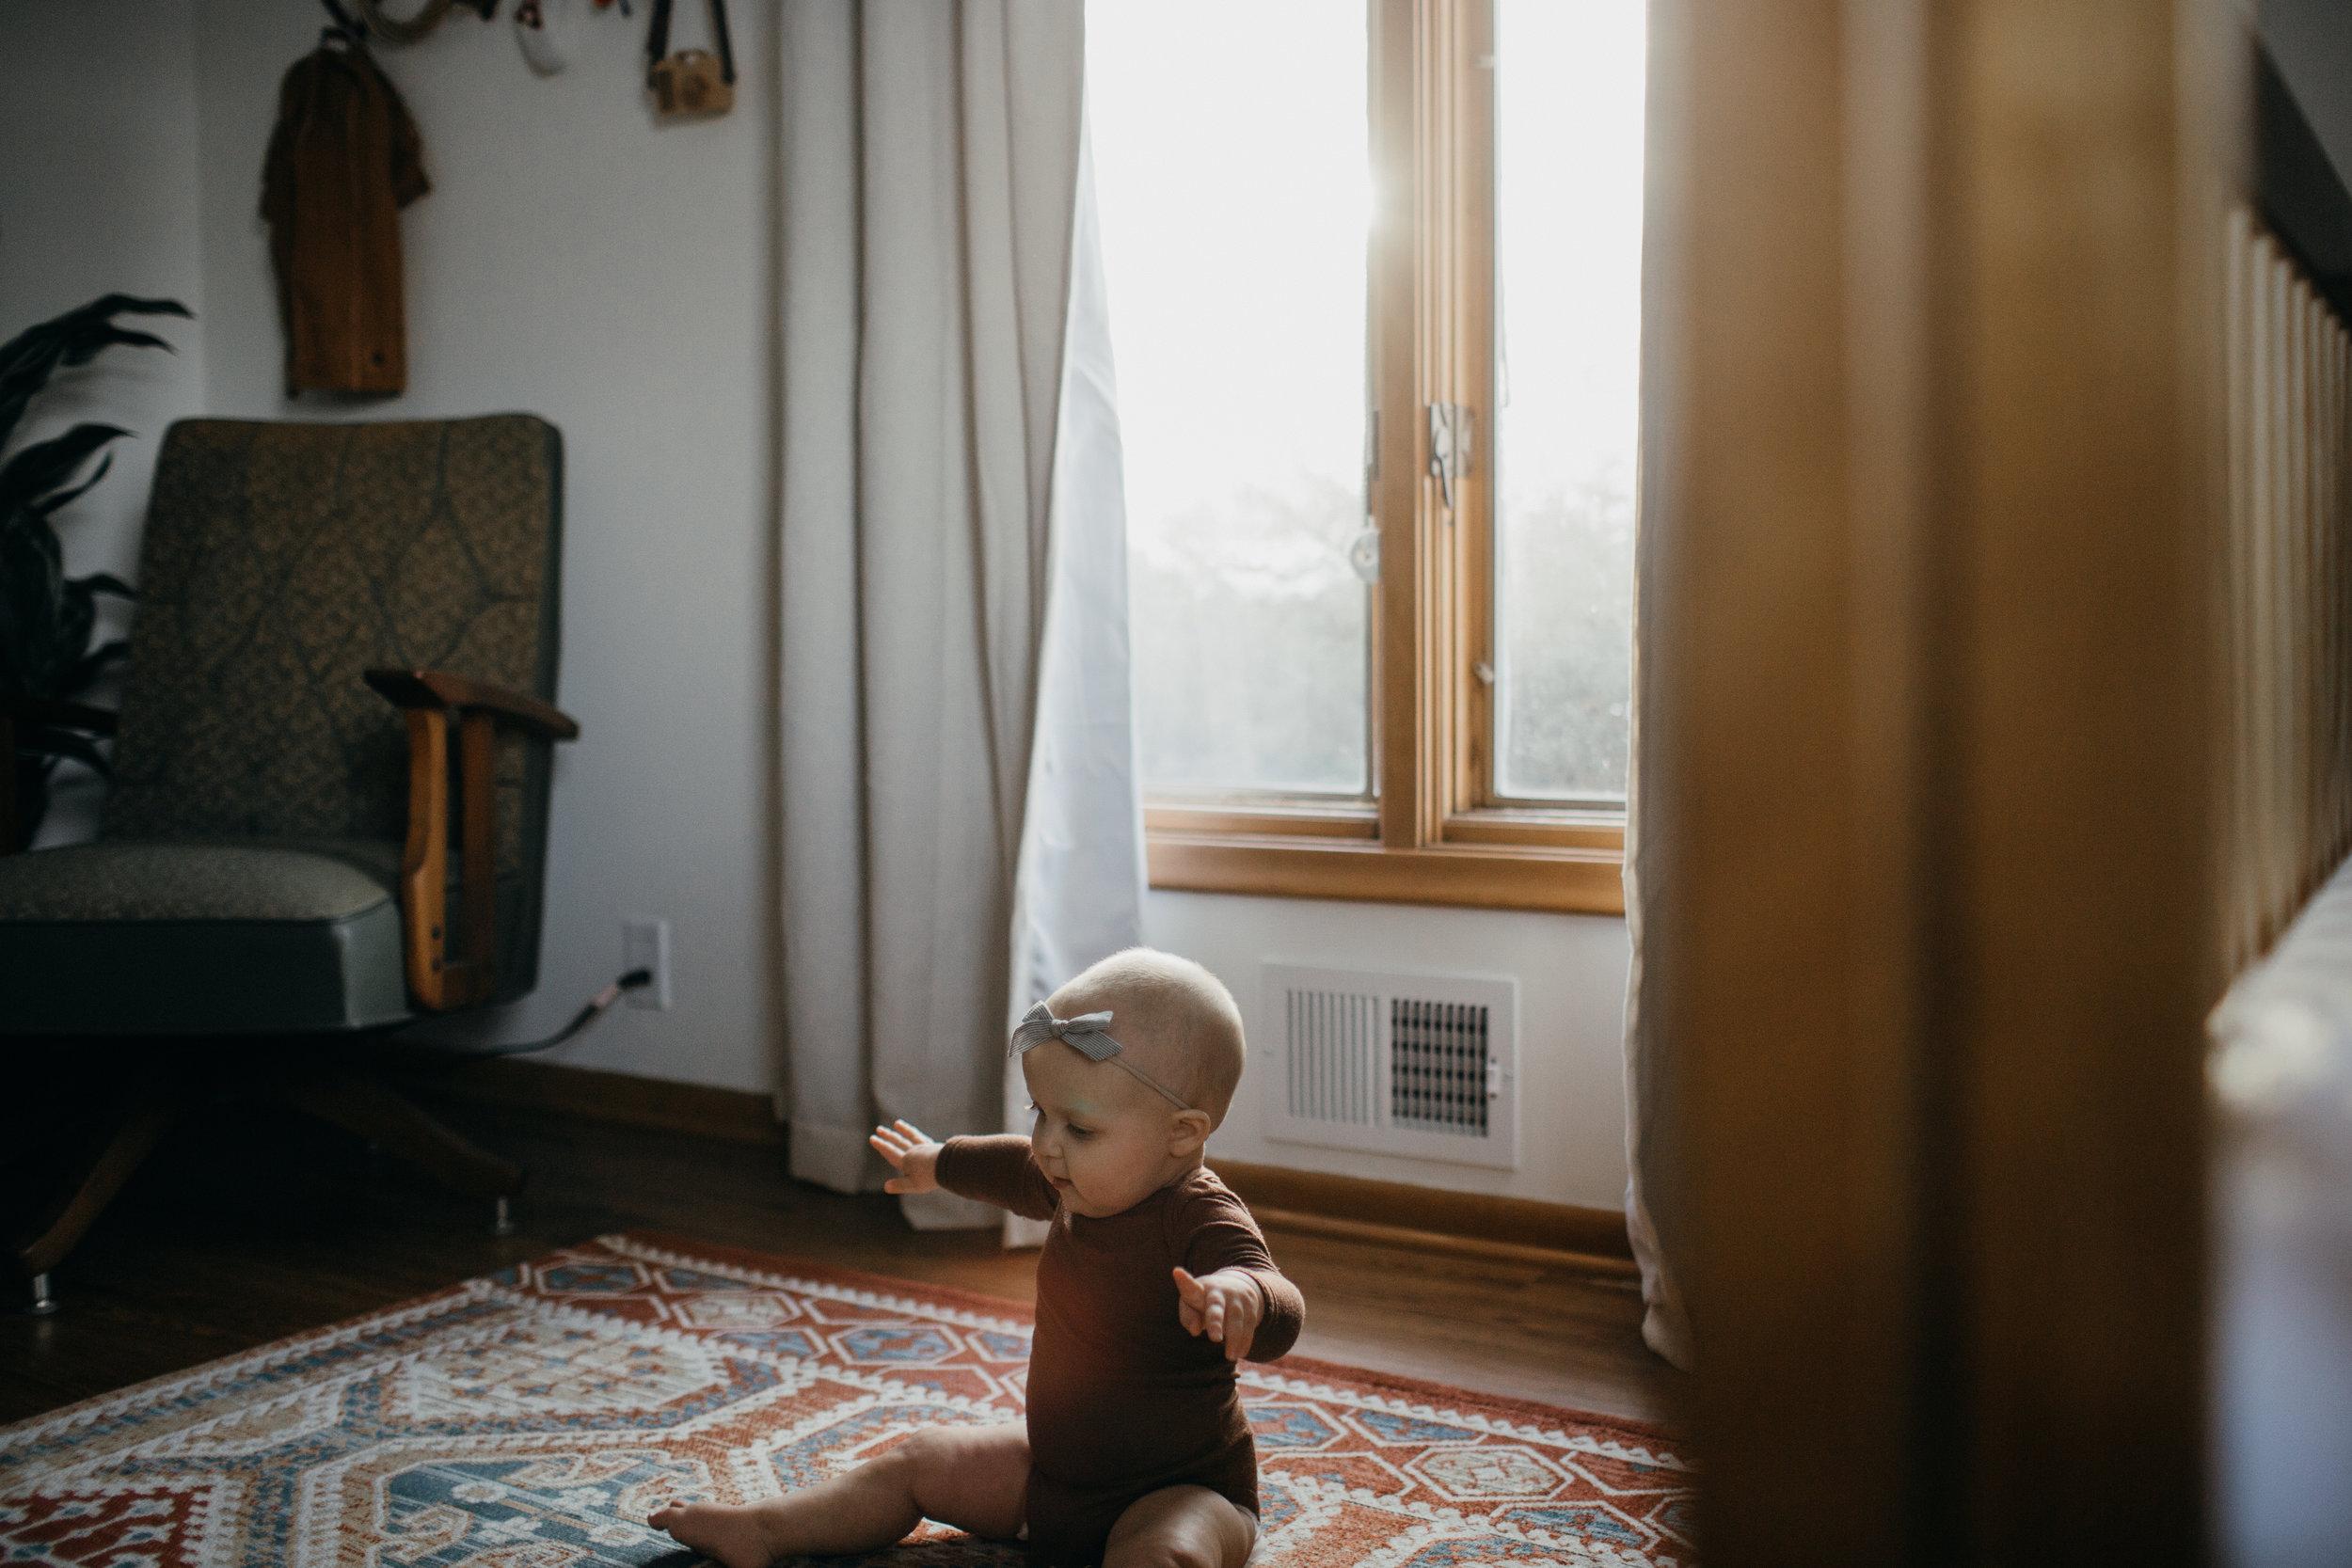 andrie_10months_nursery-4.jpg